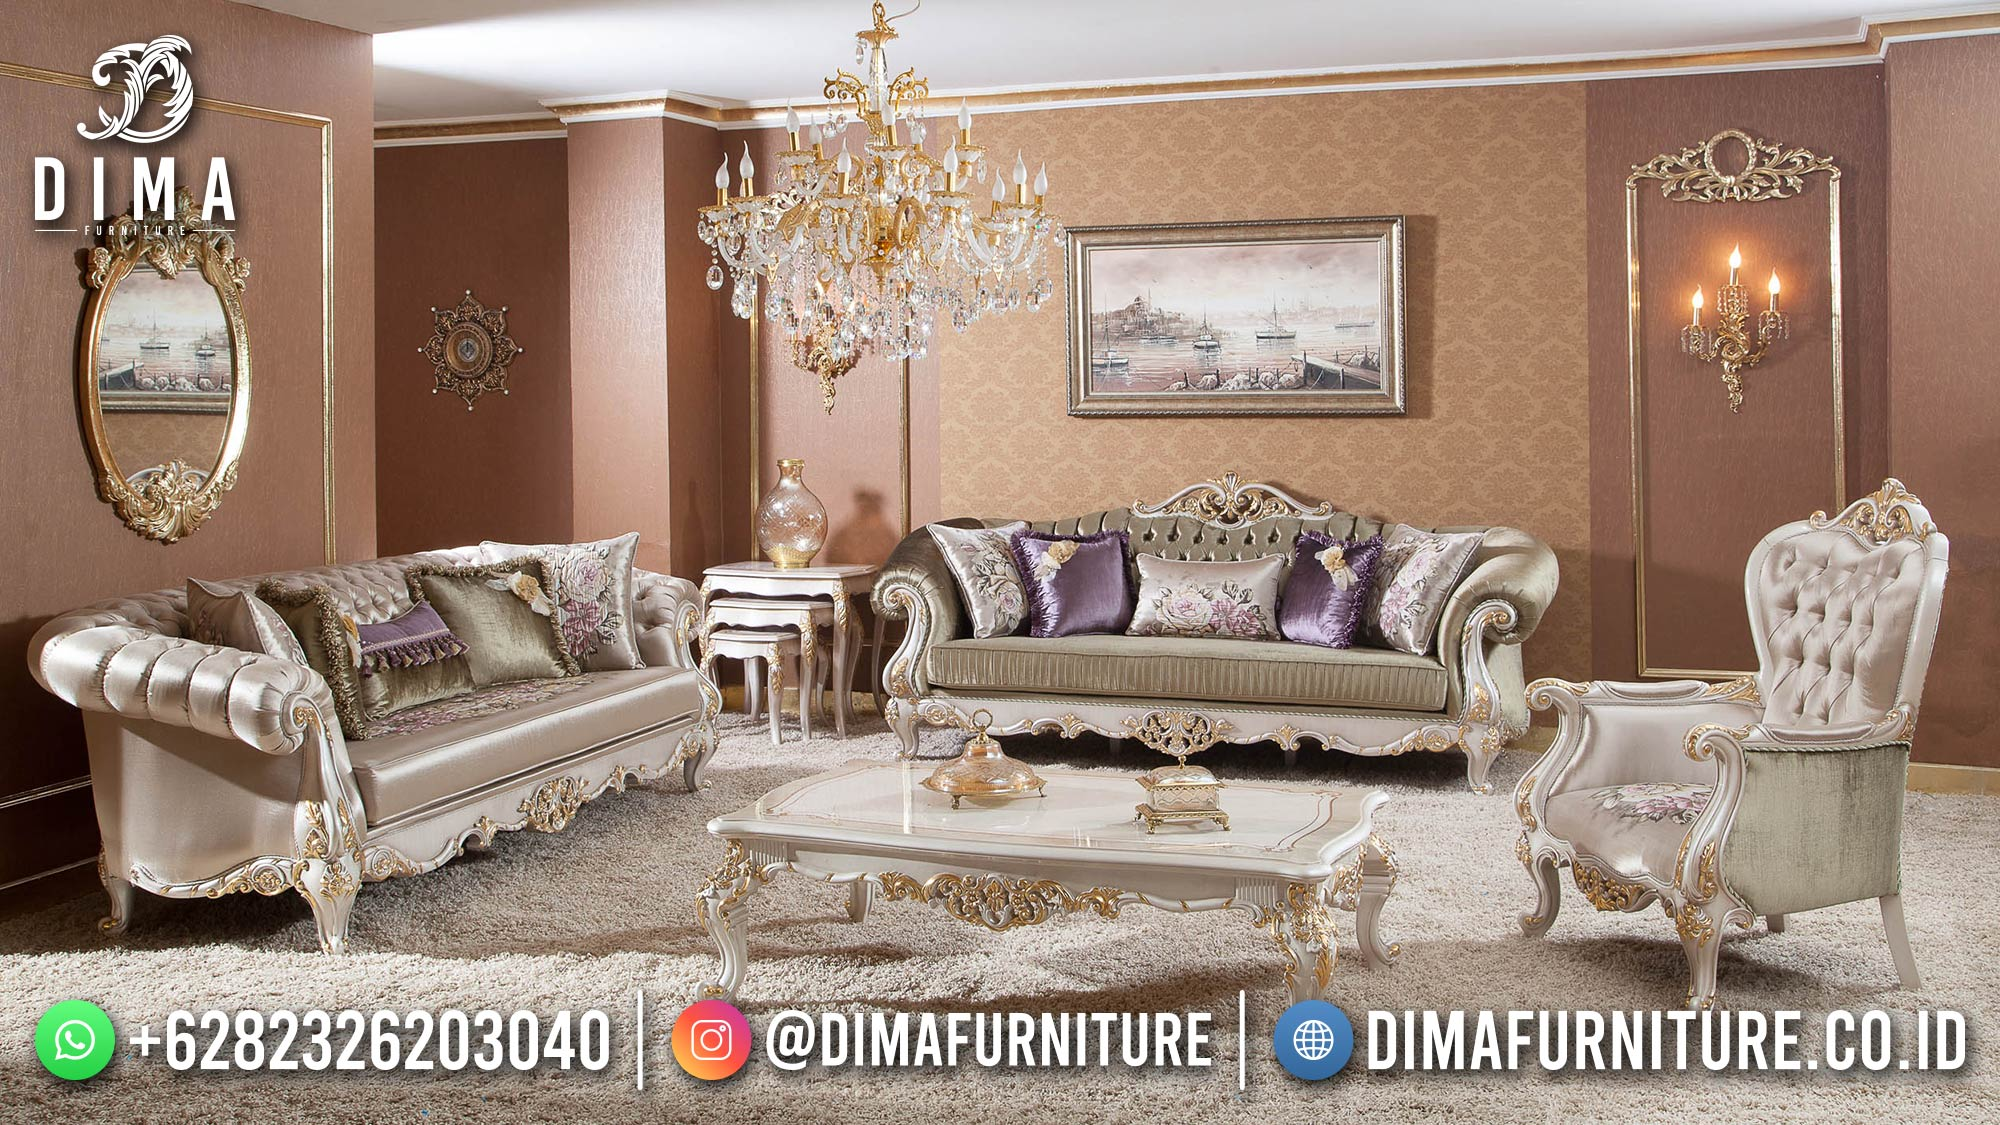 Desain Sofa Tamu Mewah Luxury Living Room Inspiring ST-1431